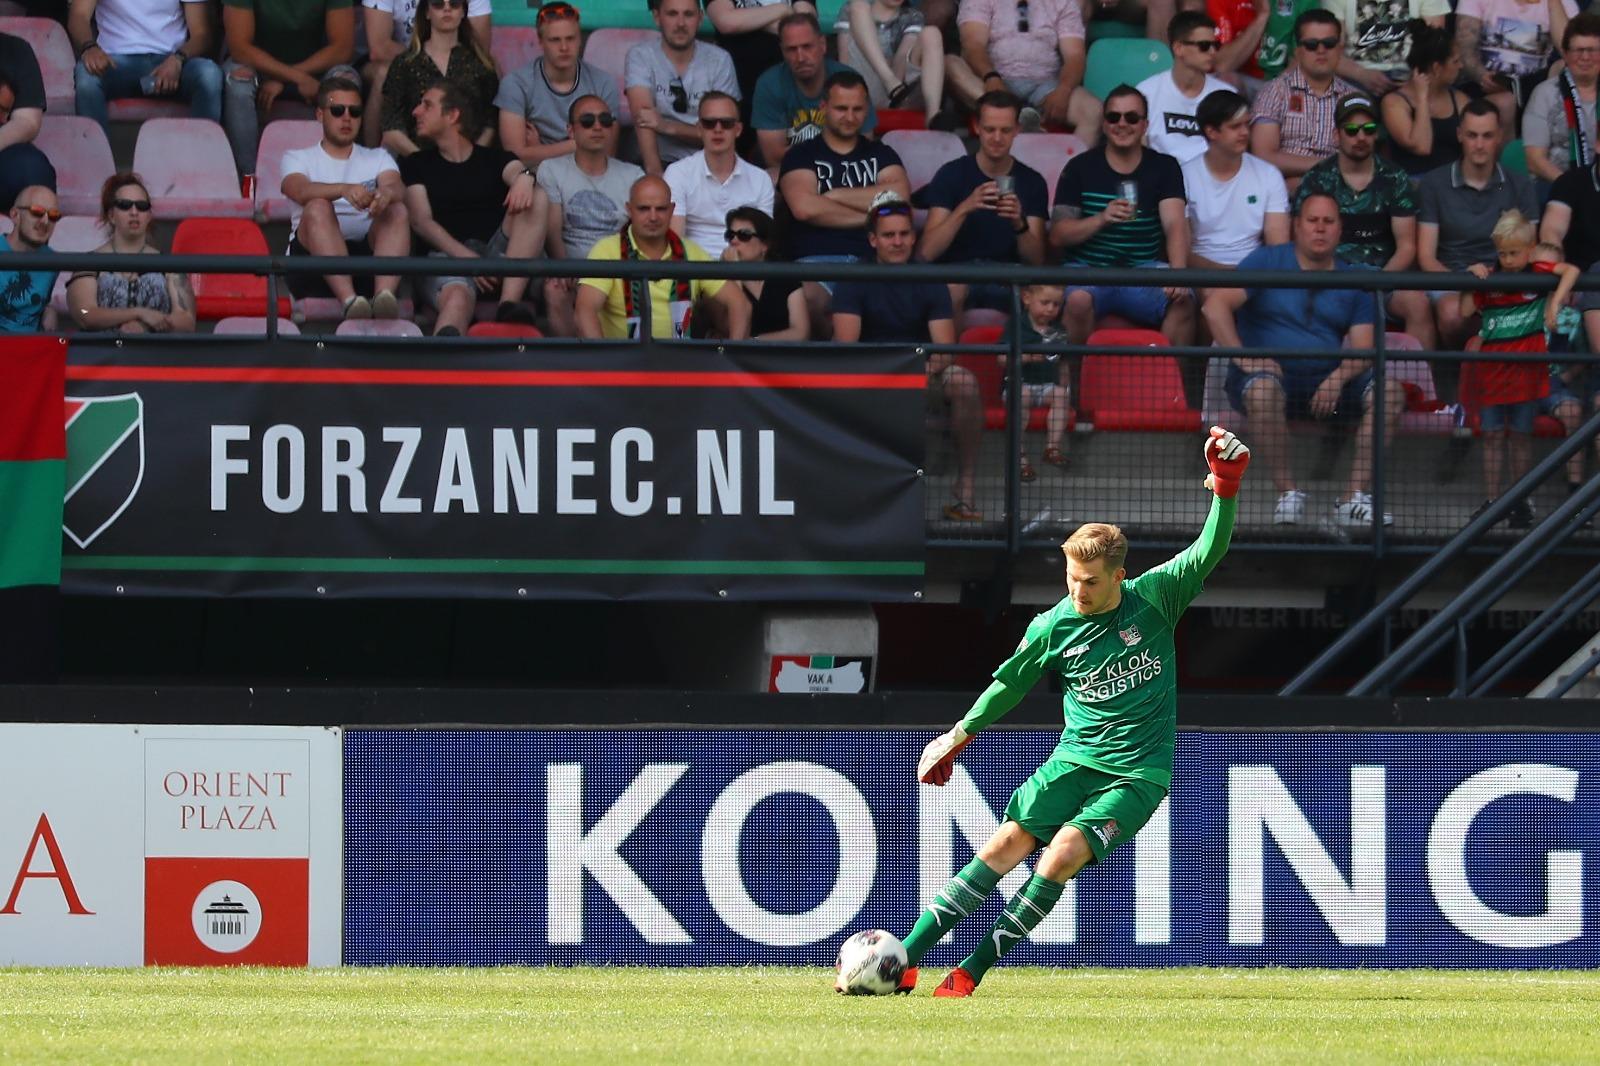 """Branderhorst: """"Ik denk dat ik in mijn recht sta als ik zeg dat dit geen penalty was"""""""